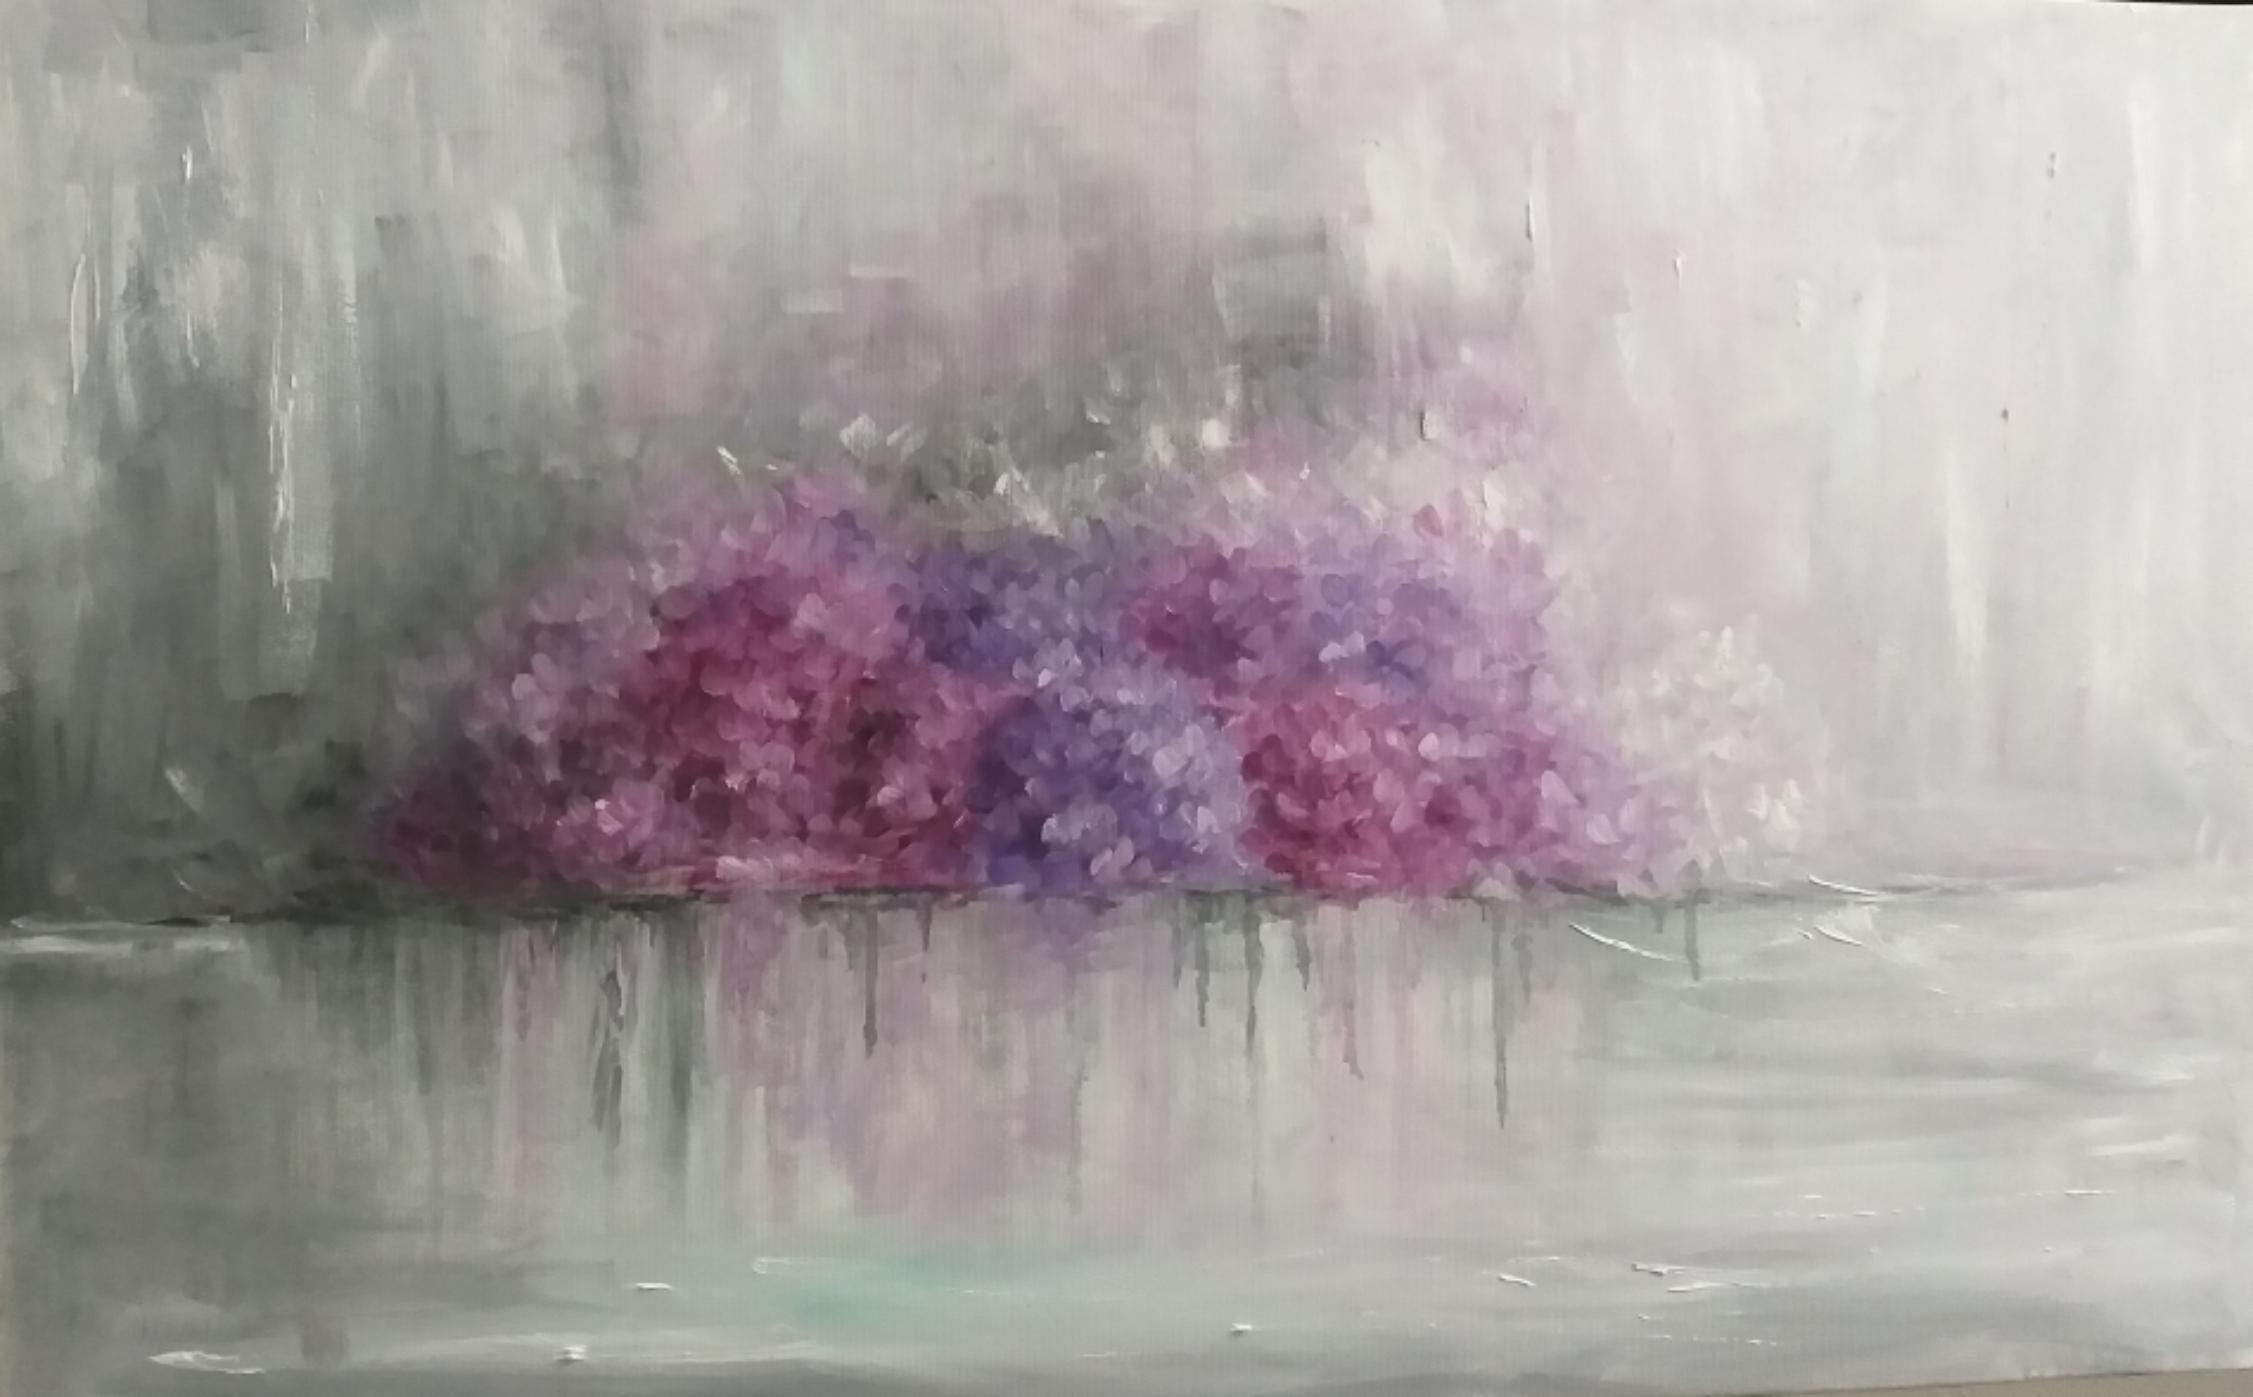 L'Angolo di Marta Lock: Il mondo morbido e sfumato delle opere di Michela Grassi, tra Impressionismo